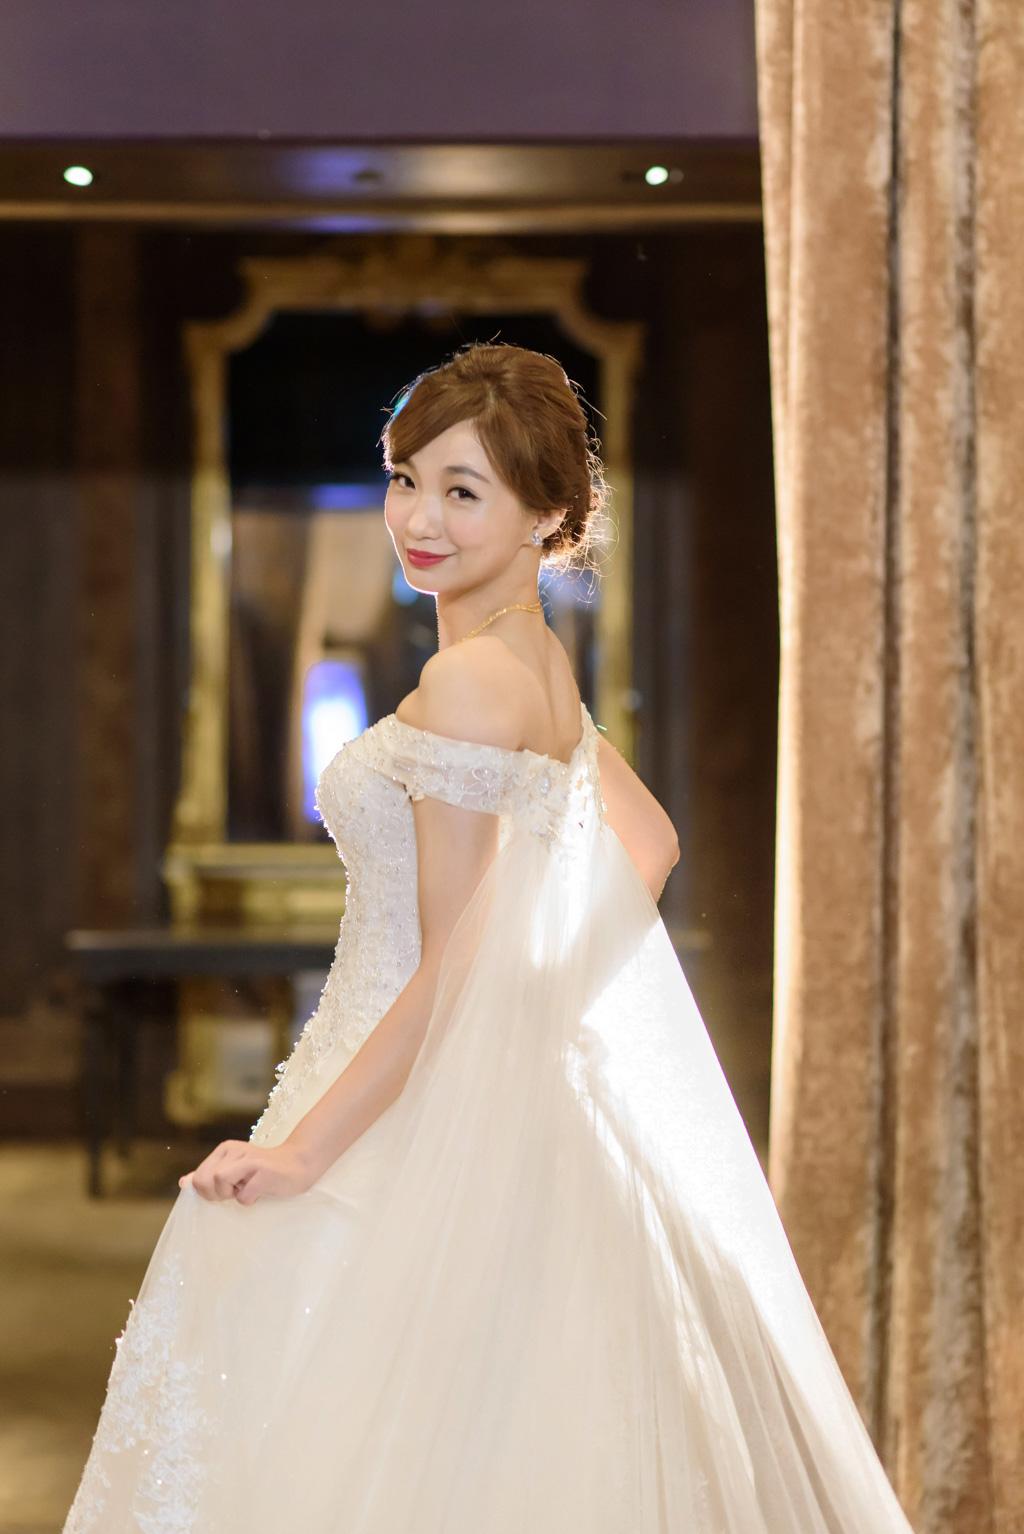 婚攝小勇, 小寶團隊, 台北婚攝, 自助婚紗, 君品, 婚禮紀錄, vivian, wedding day-063